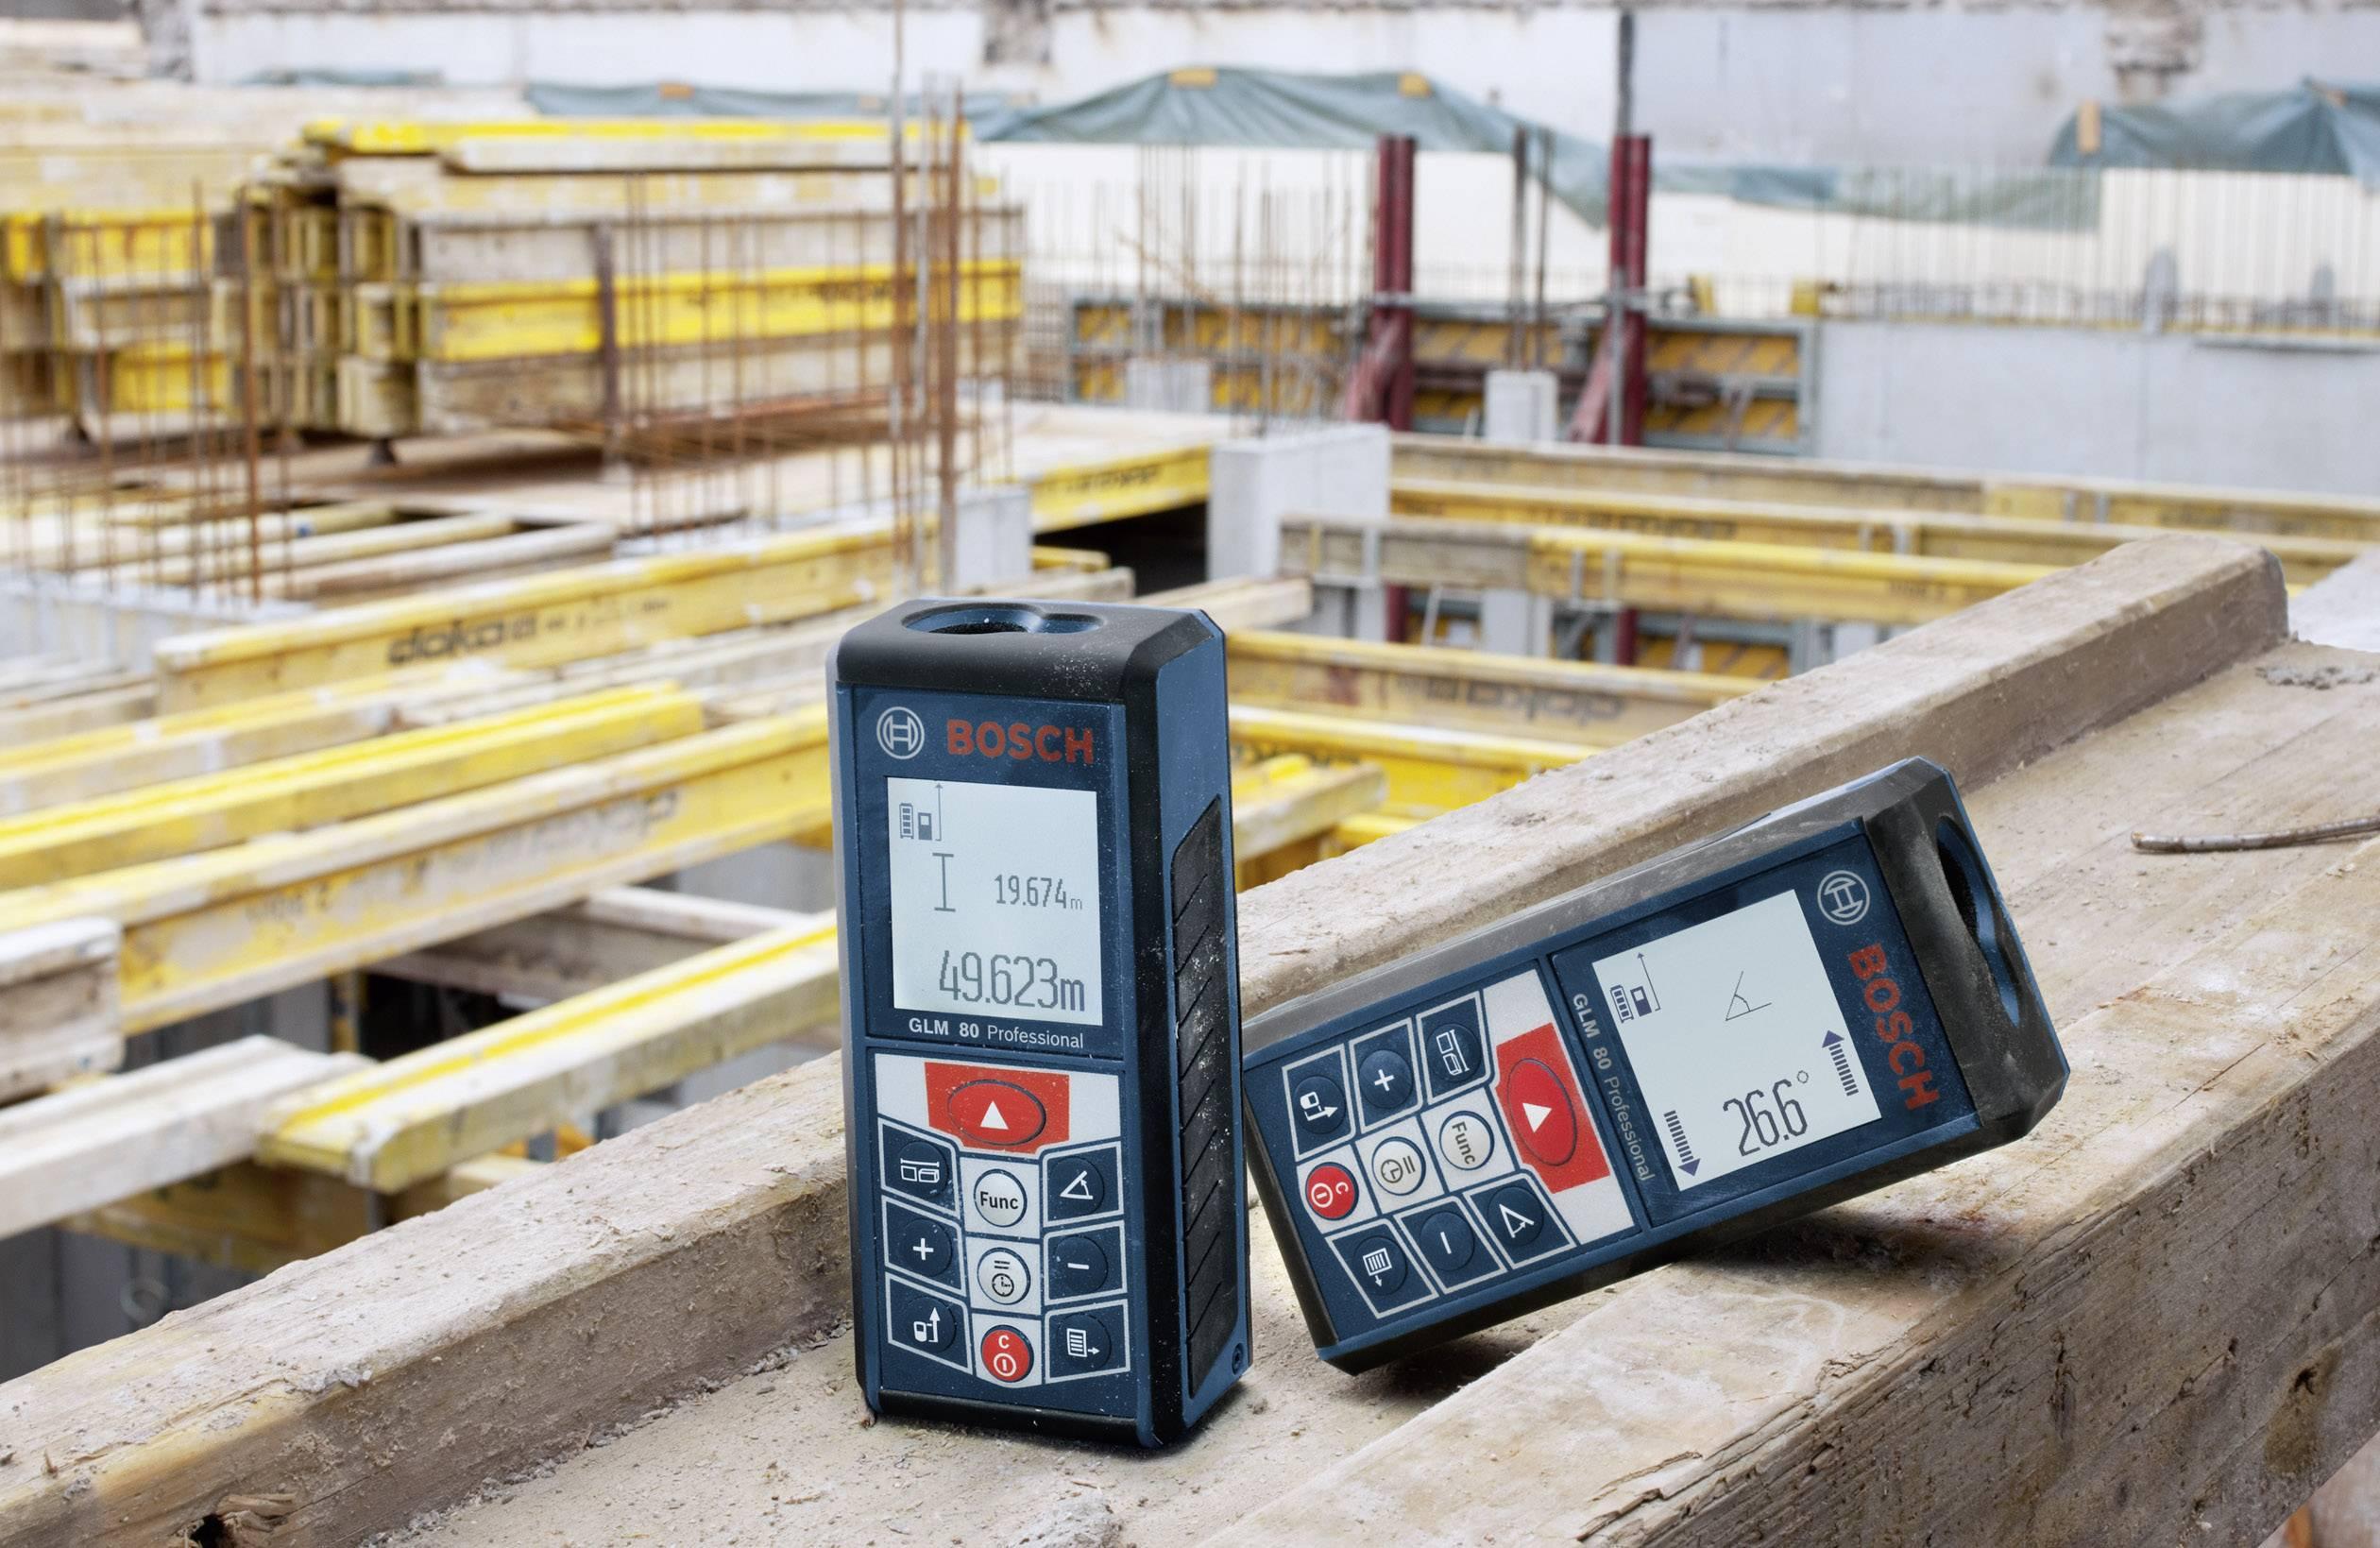 Bosch Laser Entfernungsmesser Conrad : Glm c laser entfernungsmesser bosch professional